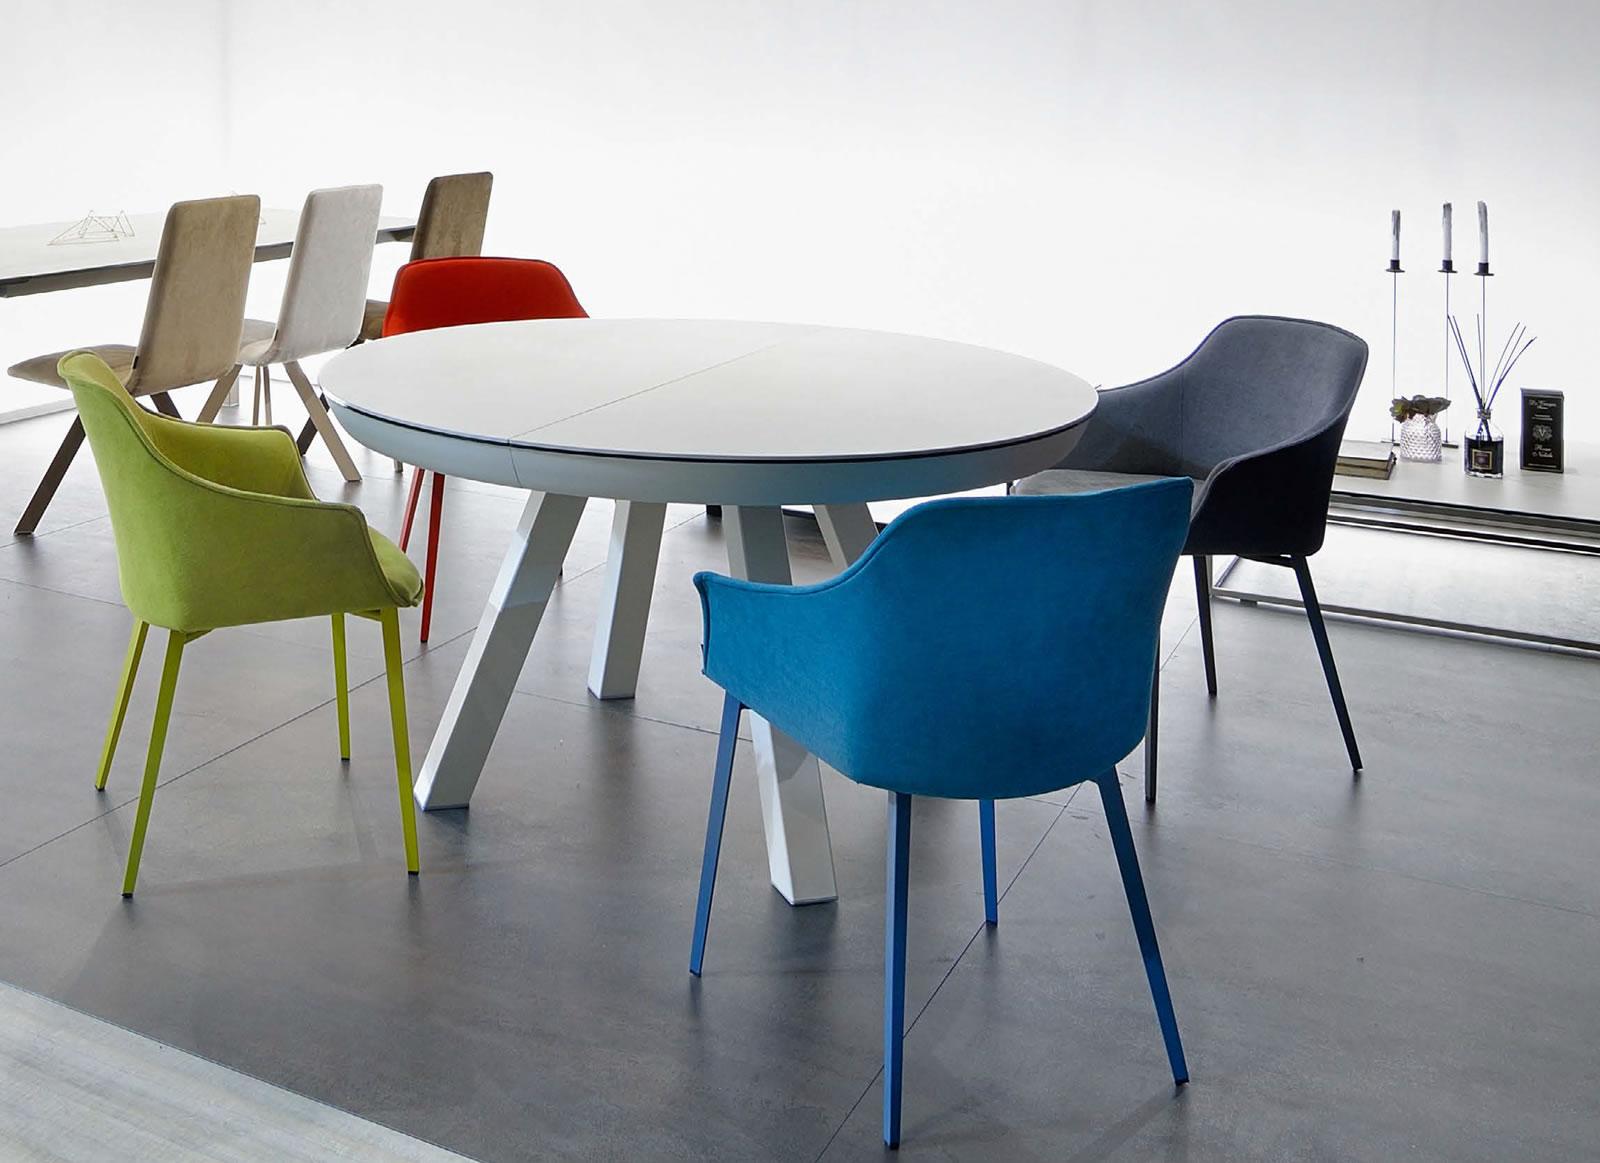 Decorar la mesa de comedor con sillas diferentes? | Decorart